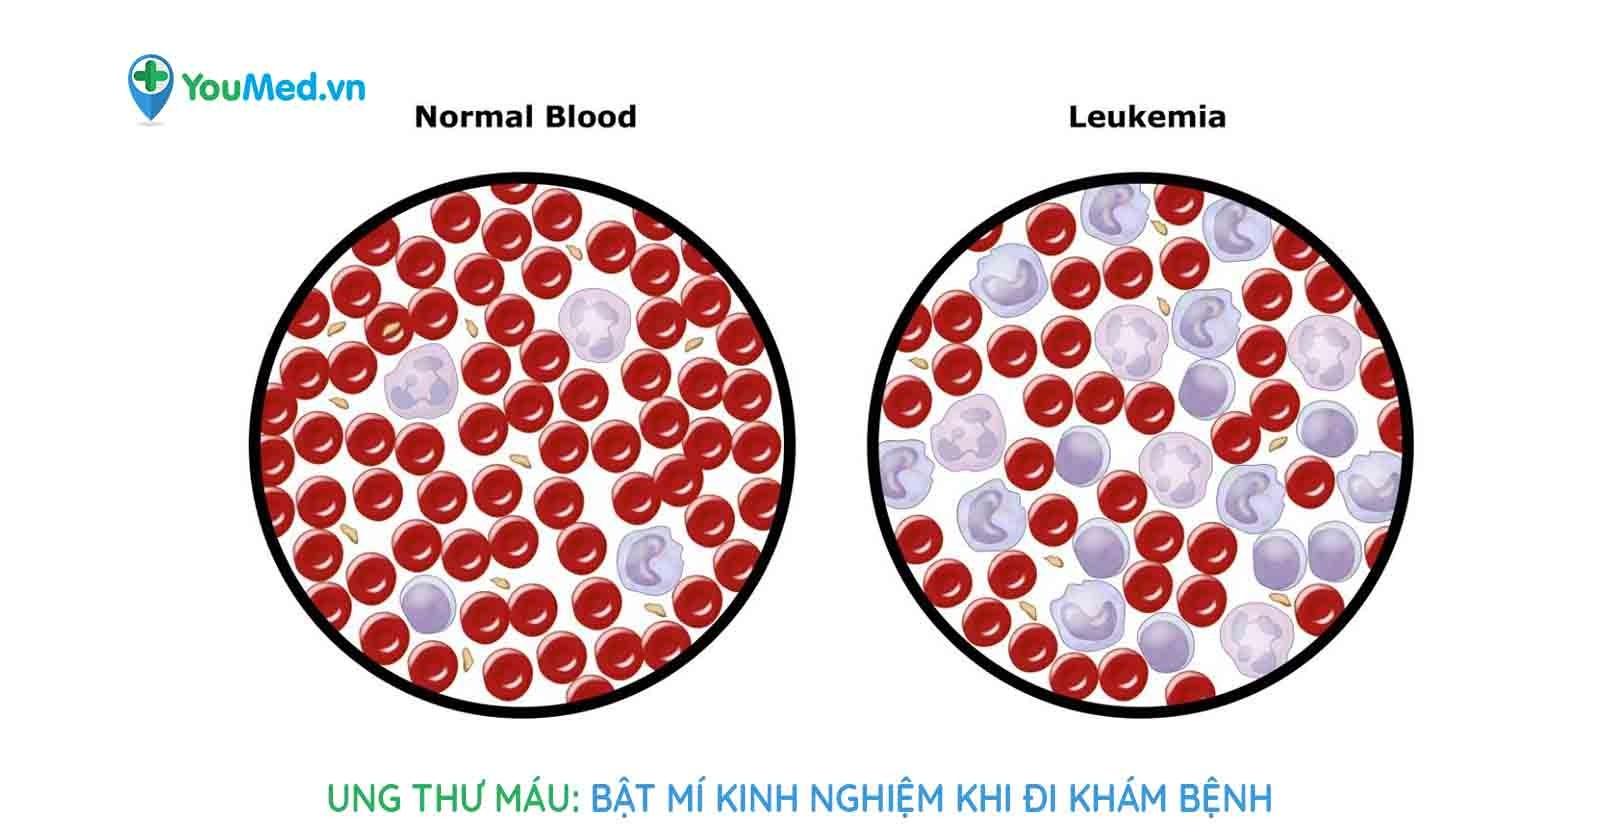 Ung thư máu - bật mí kinh nghiệm khi đi khám bệnh